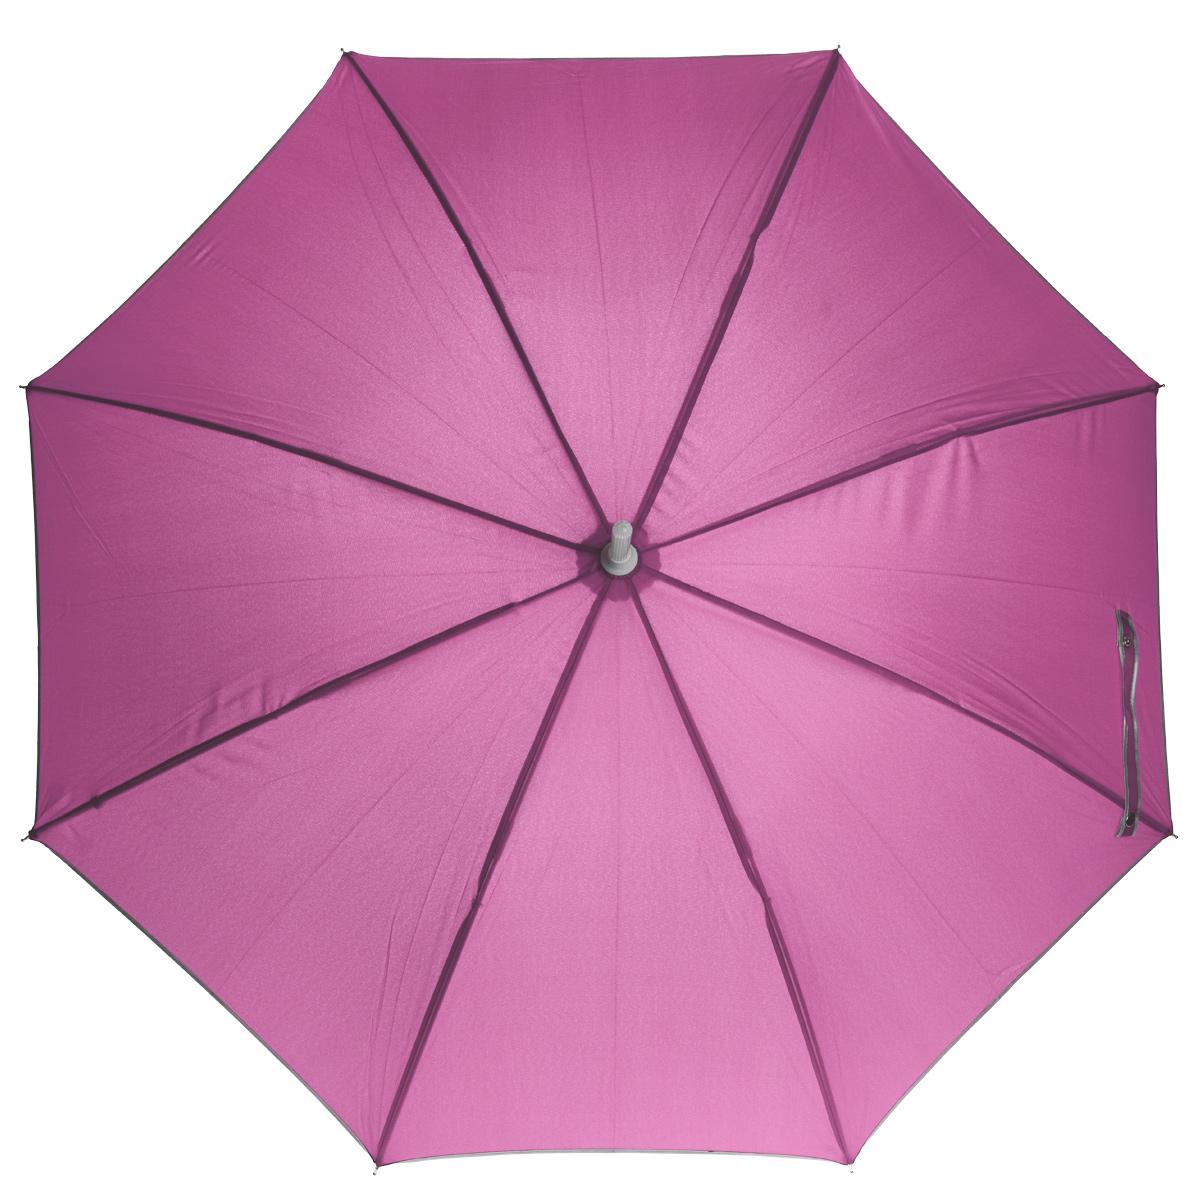 Зонт-трость механический Карамба, со светящейся тростью, цвет: розовыйКолье (короткие одноярусные бусы)Очень симпатичный механический зонт-трость Карамба поднимет вам настроение даже в ненастную погоду. Зонт со светящимся основанием, изменяющем цвет на синий, малиновый, красный, желтый, зеленый. В ручку вмонтирован фонарик. Каркас зонта состоит из прочного стержня и 8 спиц. Купол выполнен из полиэстера. Рукоятка изготовлена из пластика.Зонт-трость имеет механический тип сложения: купол открывается и закрывается вручную.Такой стильный и необычный зонт выделит вас из толпы и поднимет настроение окружающим.Для работы необходимы 3 пальчиковых батарейки. В комплект батарейки не входят.